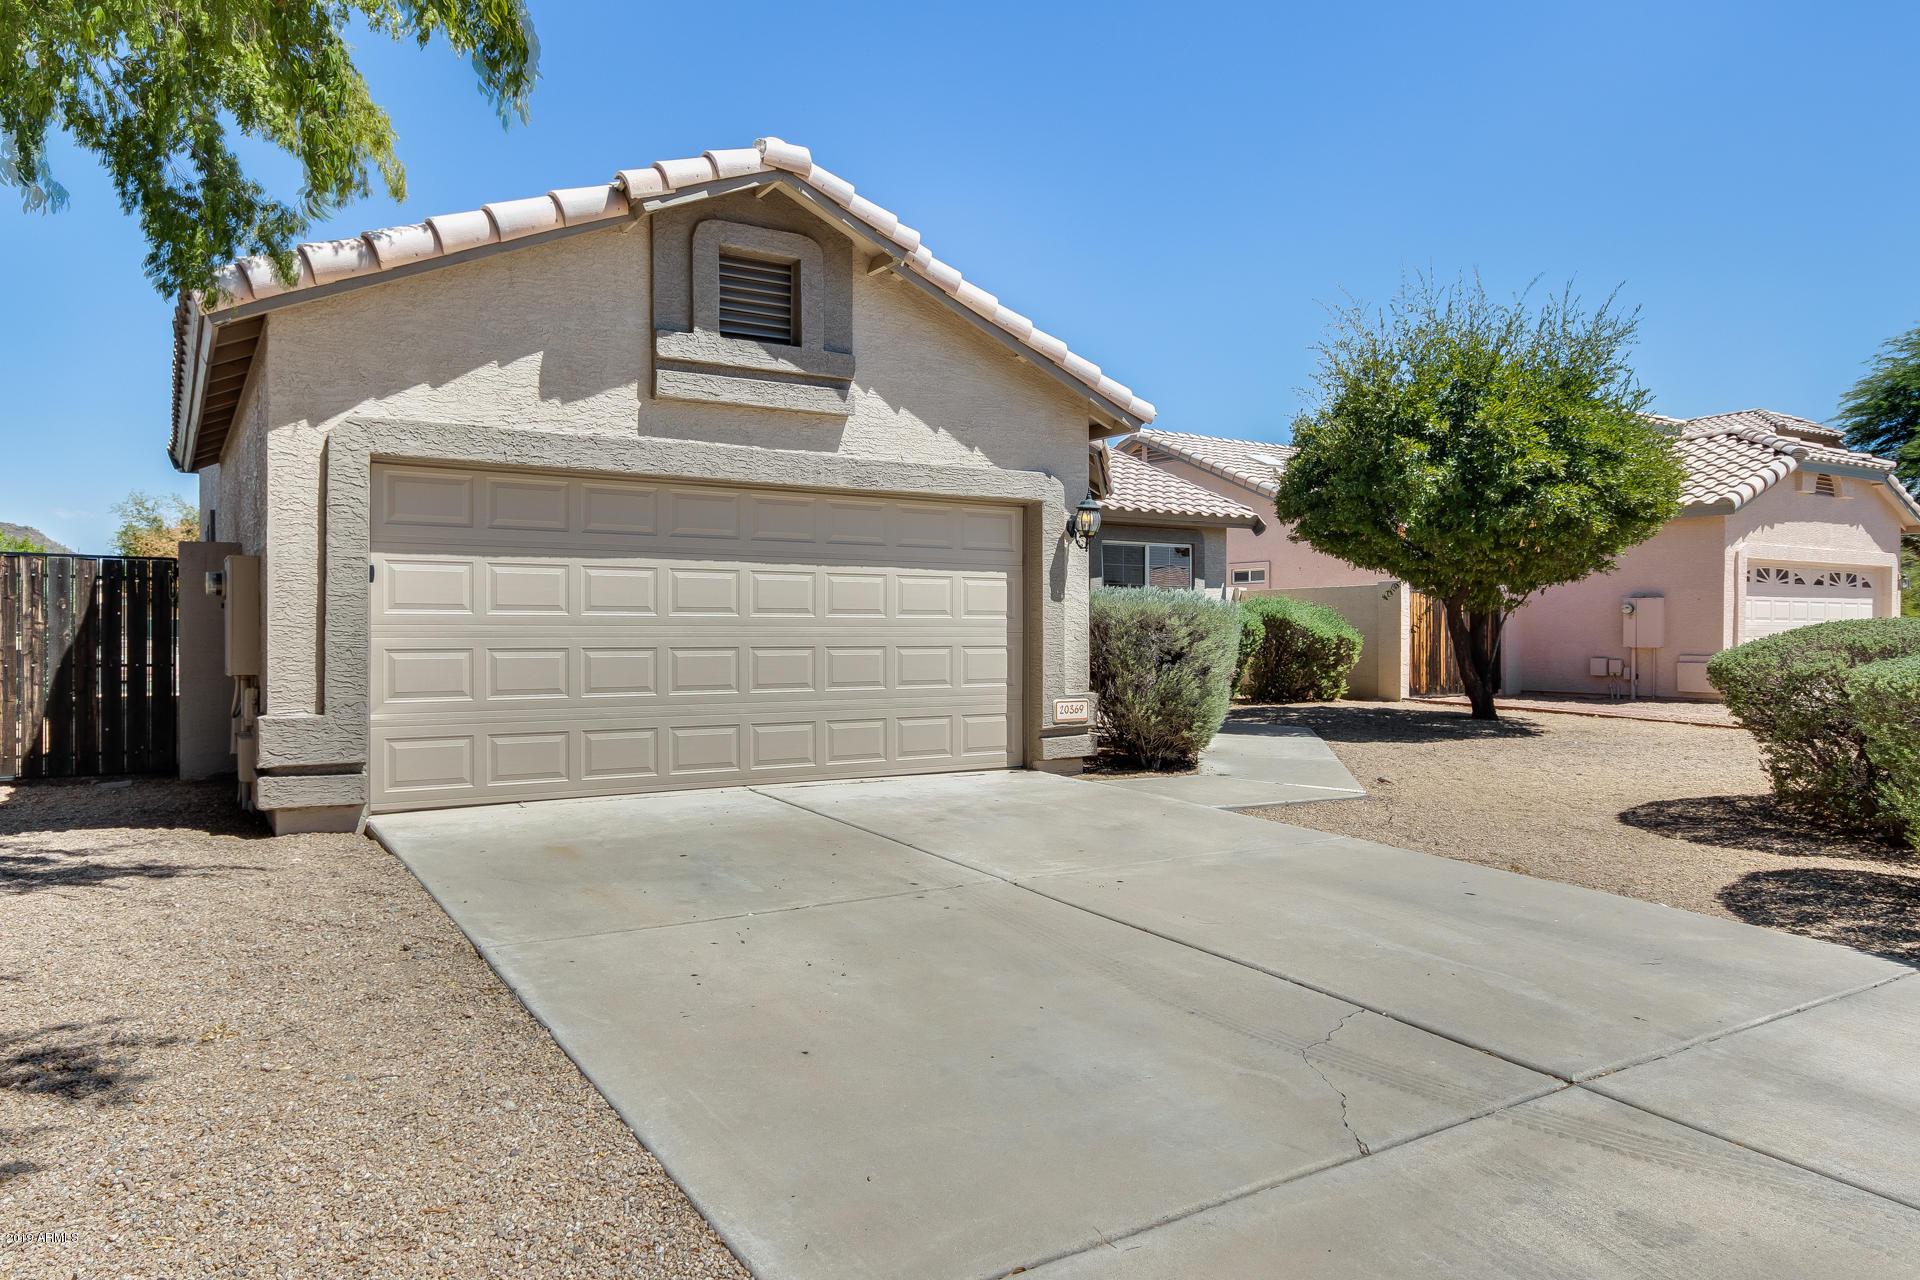 Photo of 20369 N 52ND Avenue, Glendale, AZ 85308